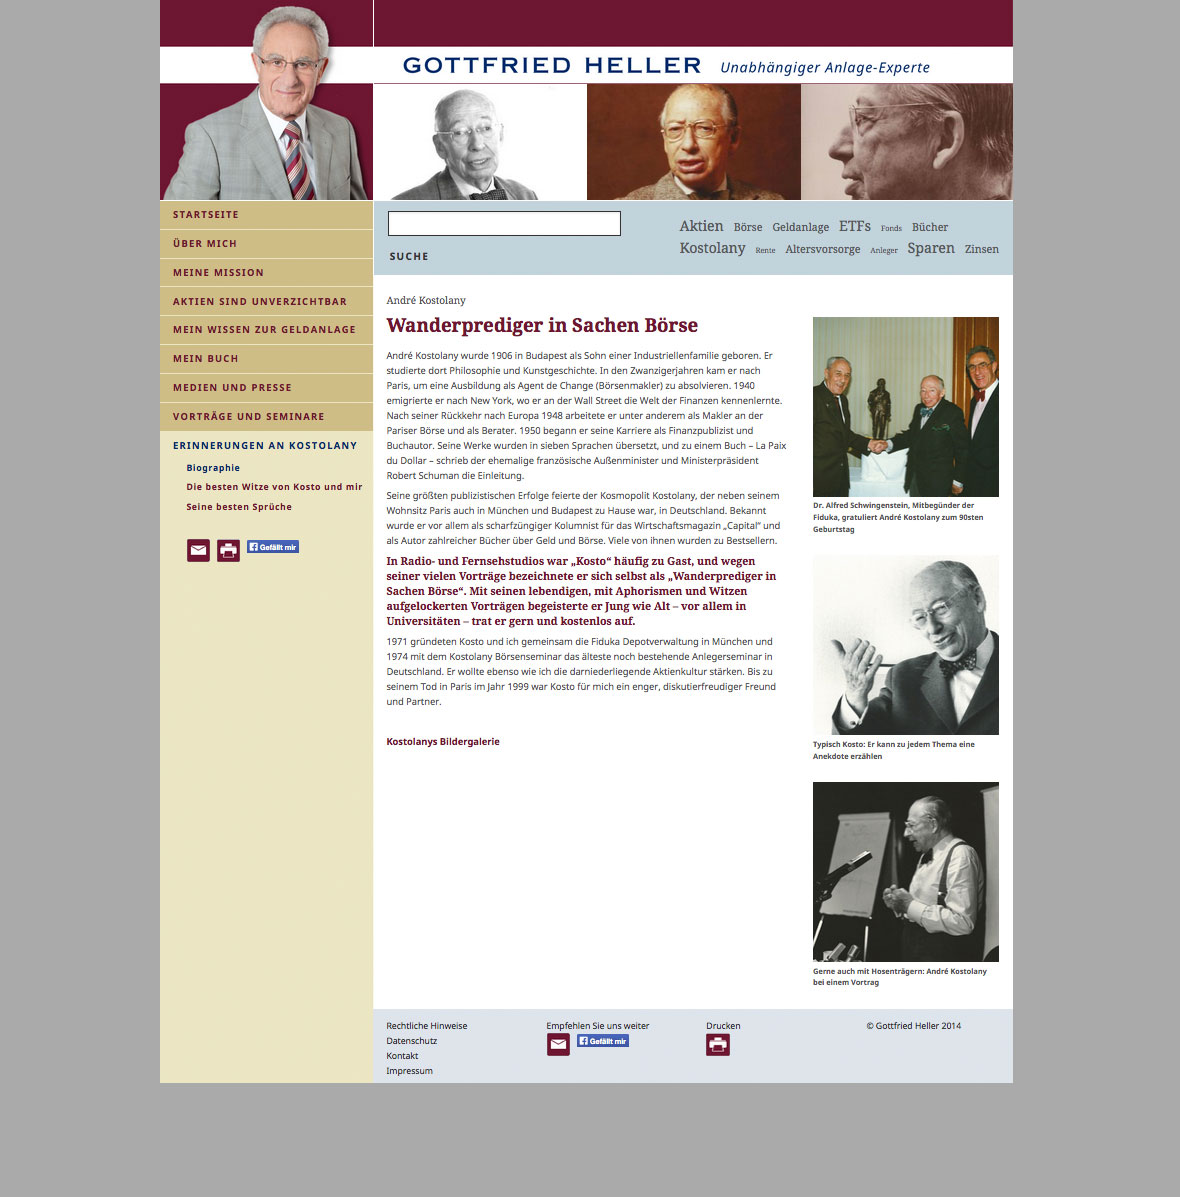 punktneun-Gottfried-Heller-Webseite-Kostolany